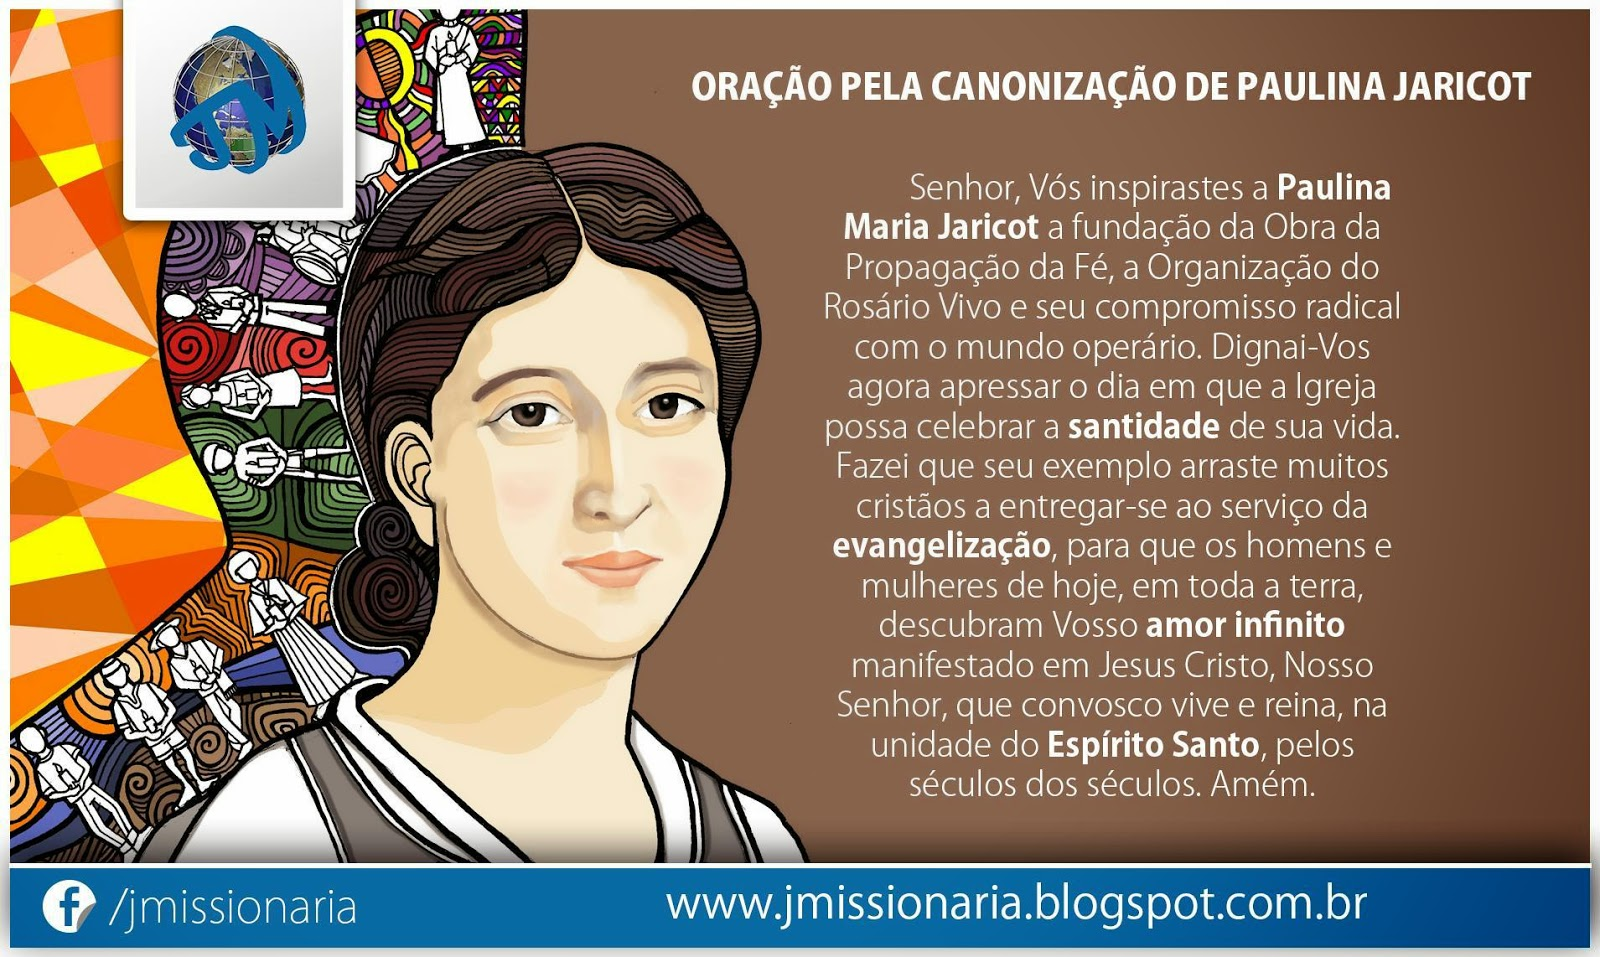 Oração pela canonização de Paulina Jaricot